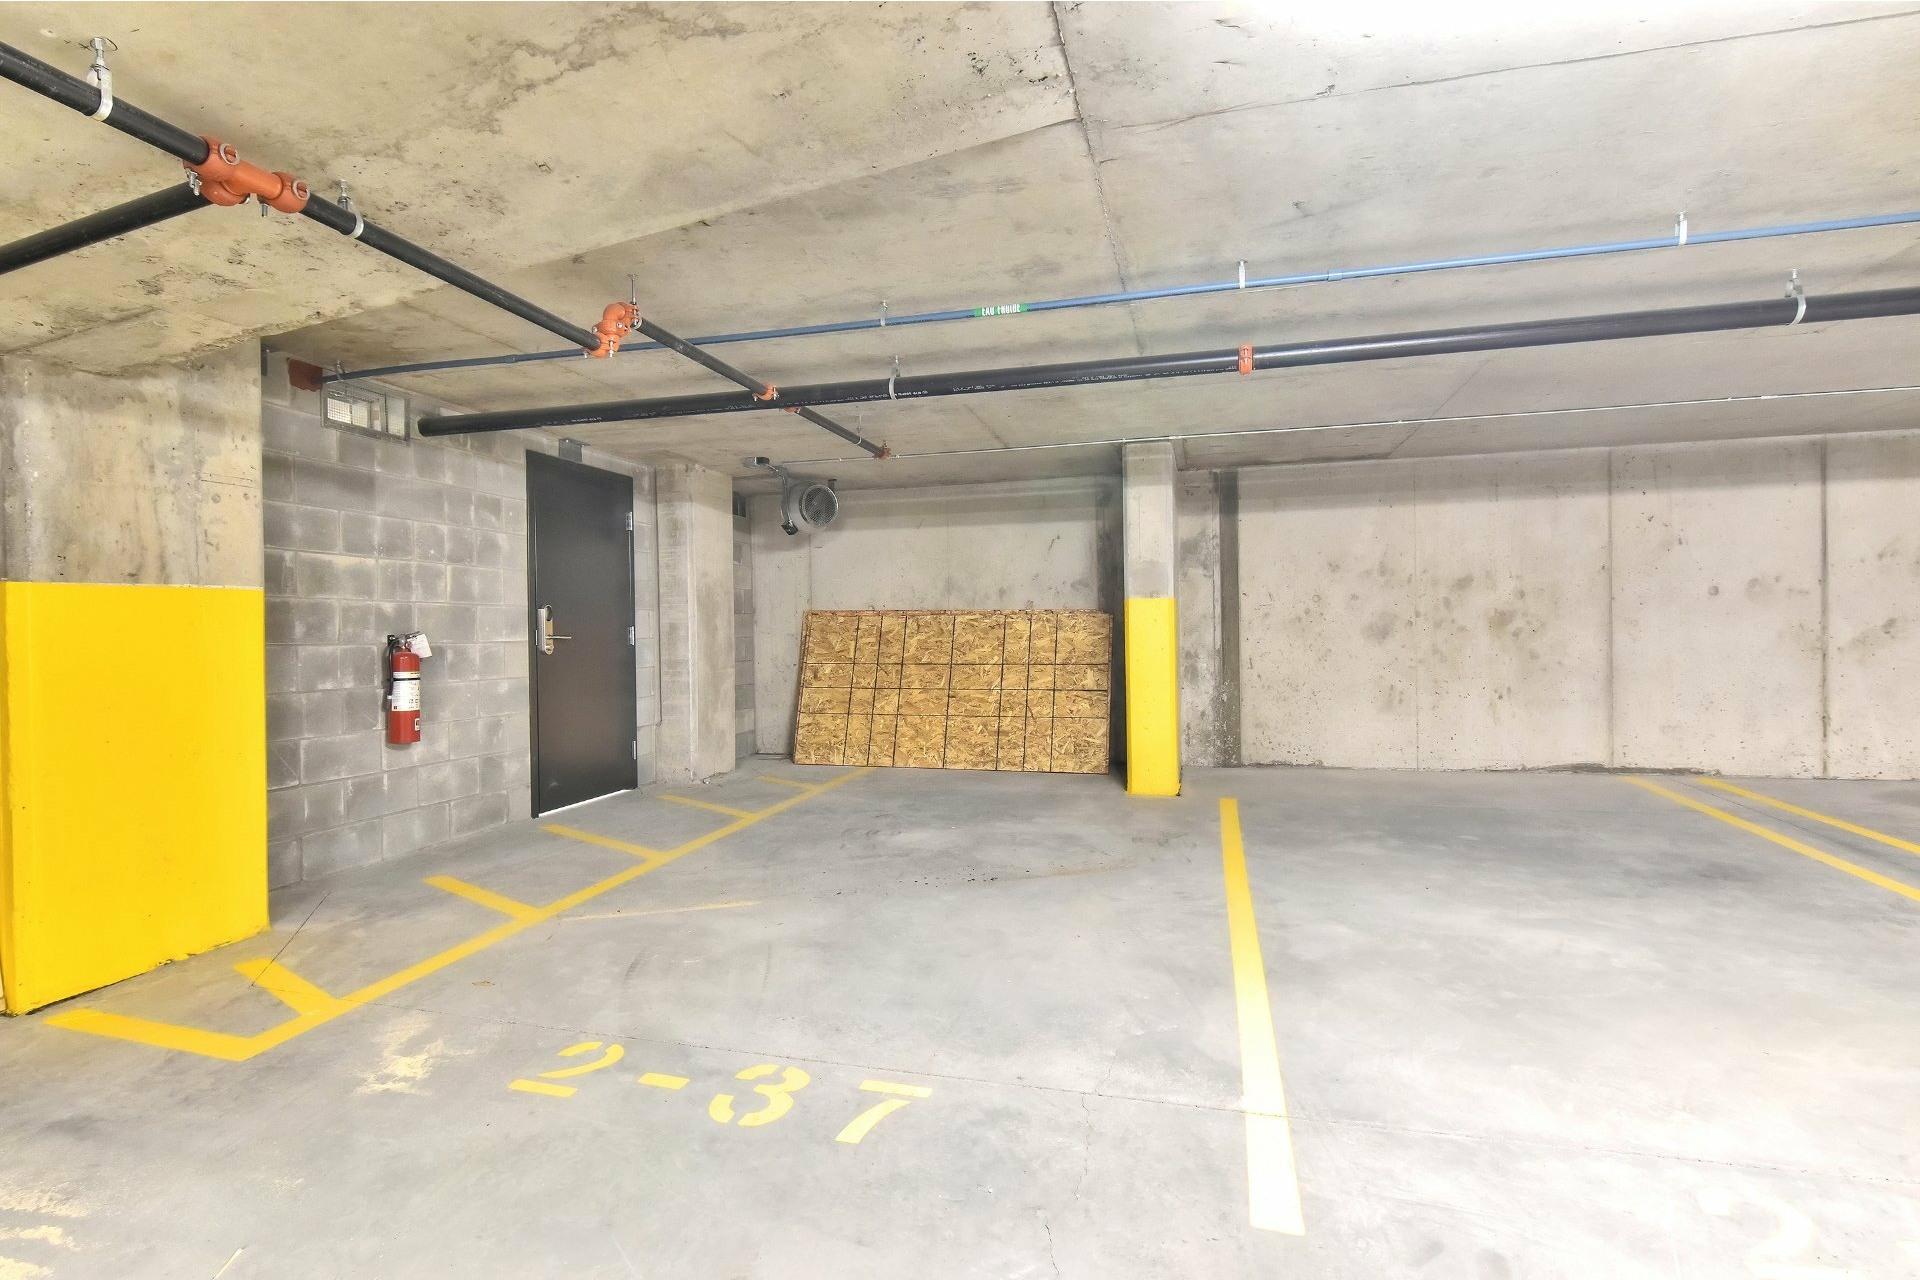 image 15 - Appartement À louer Brossard - 4 pièces